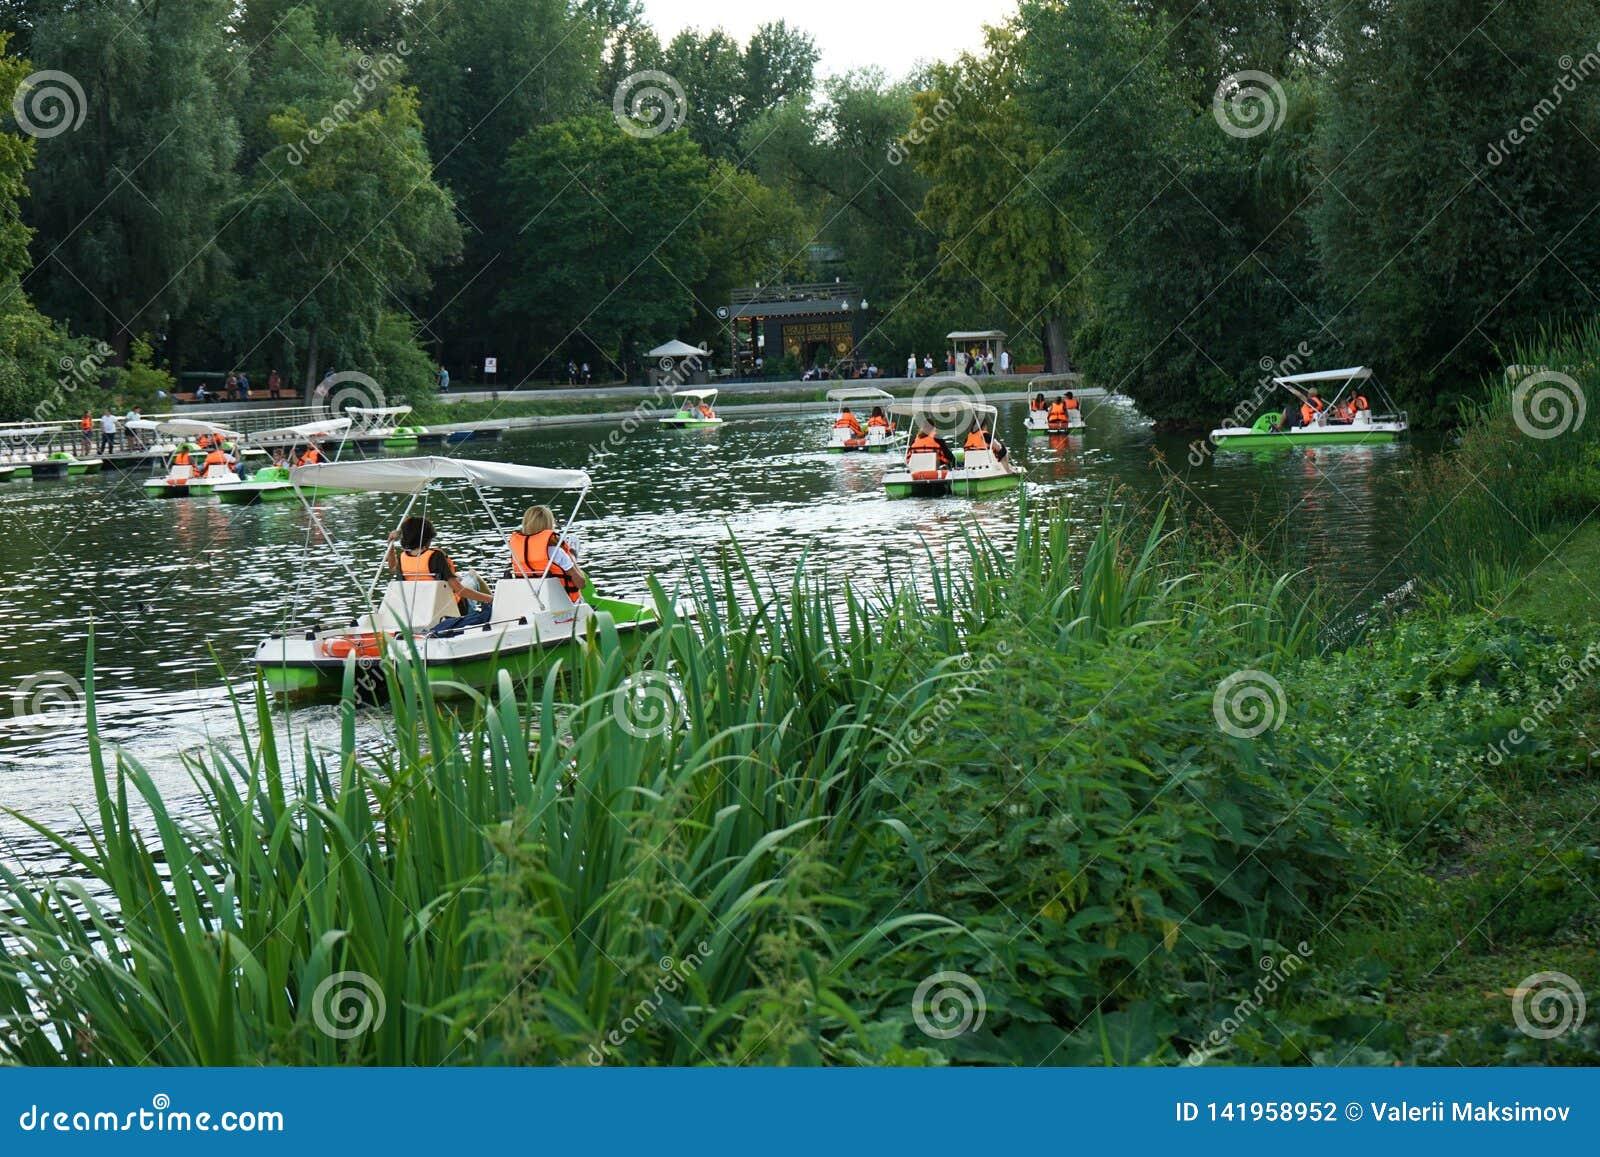 Catamaran jazda w jeziorze miasto park